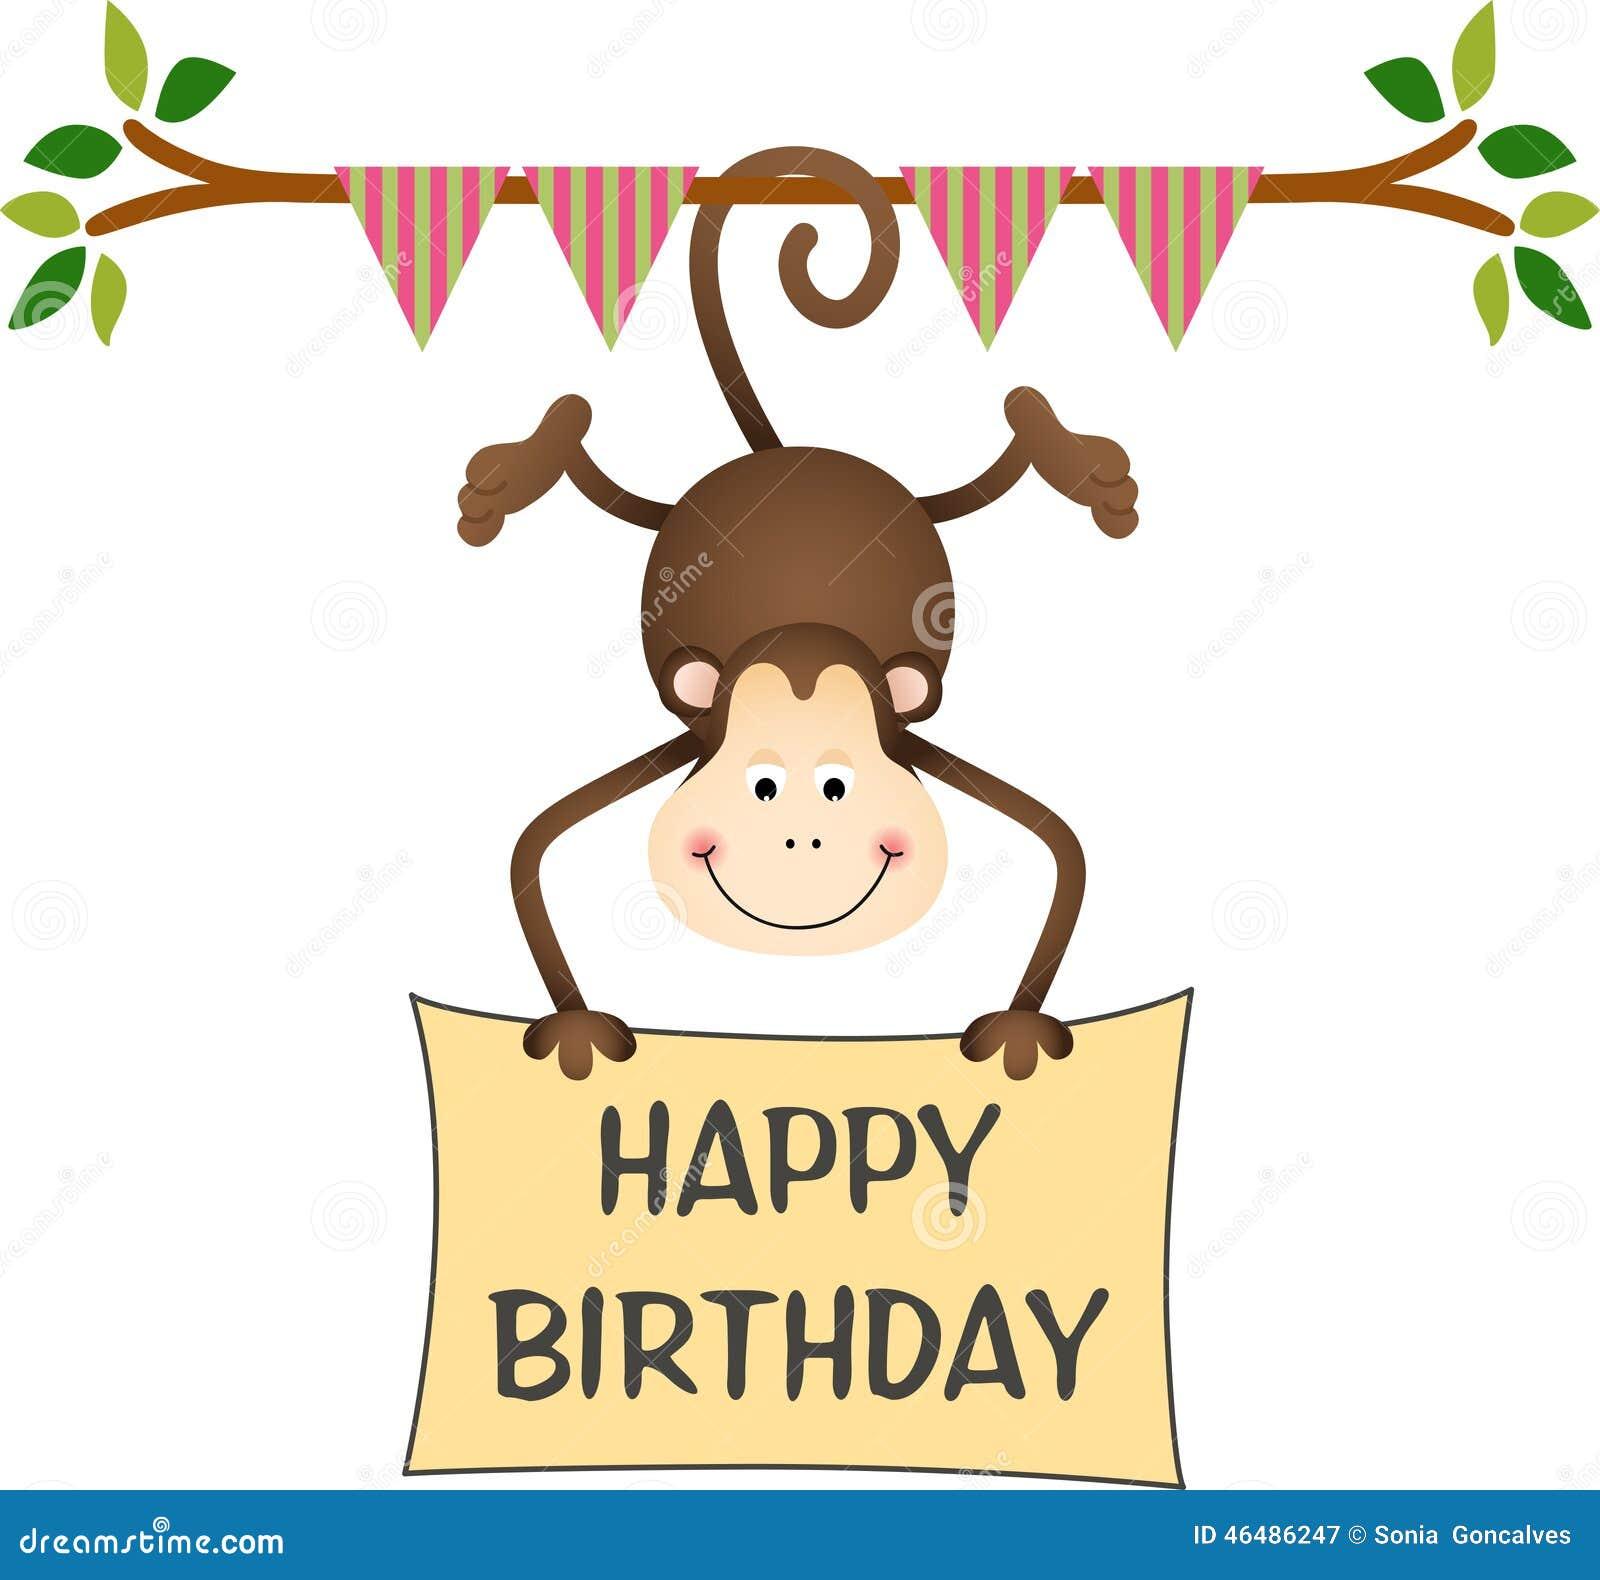 happy birthday funny monkey - photo #32